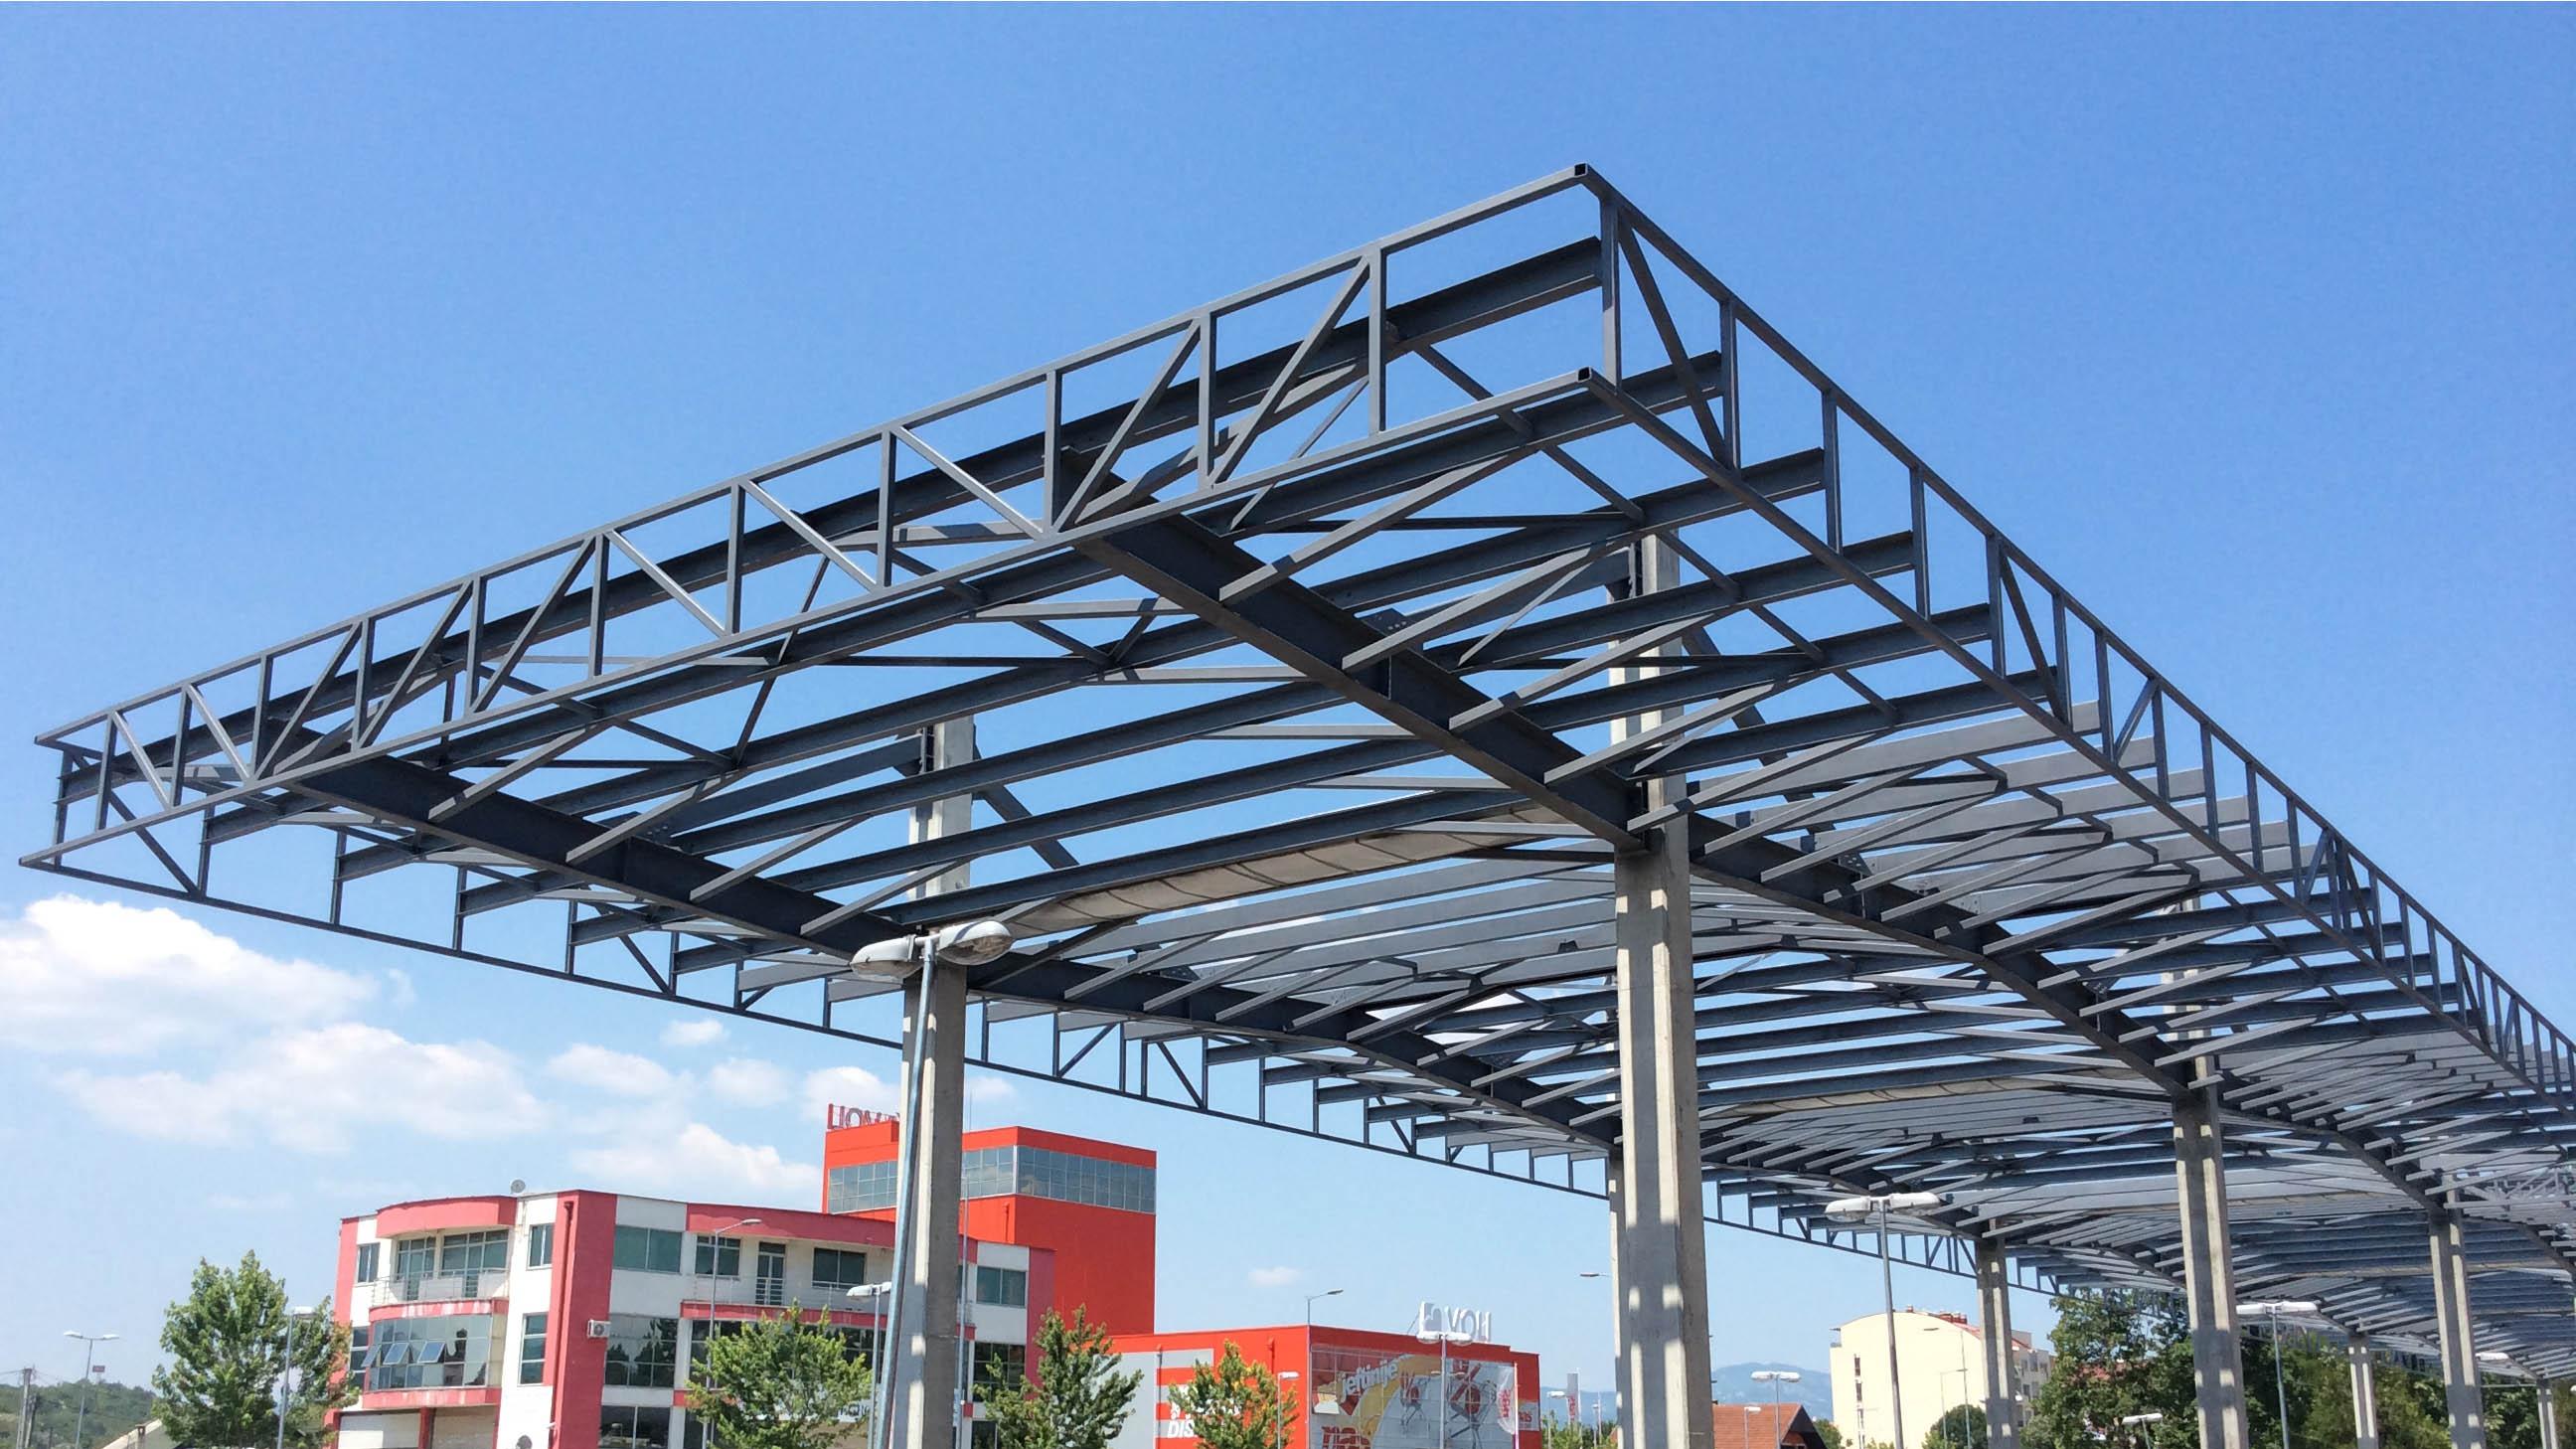 ... STEEL STRUCTURES (PARKING CANOPY 1) 3 & Europrojekt | STEEL STRUCTURES (PARKING CANOPY 1)